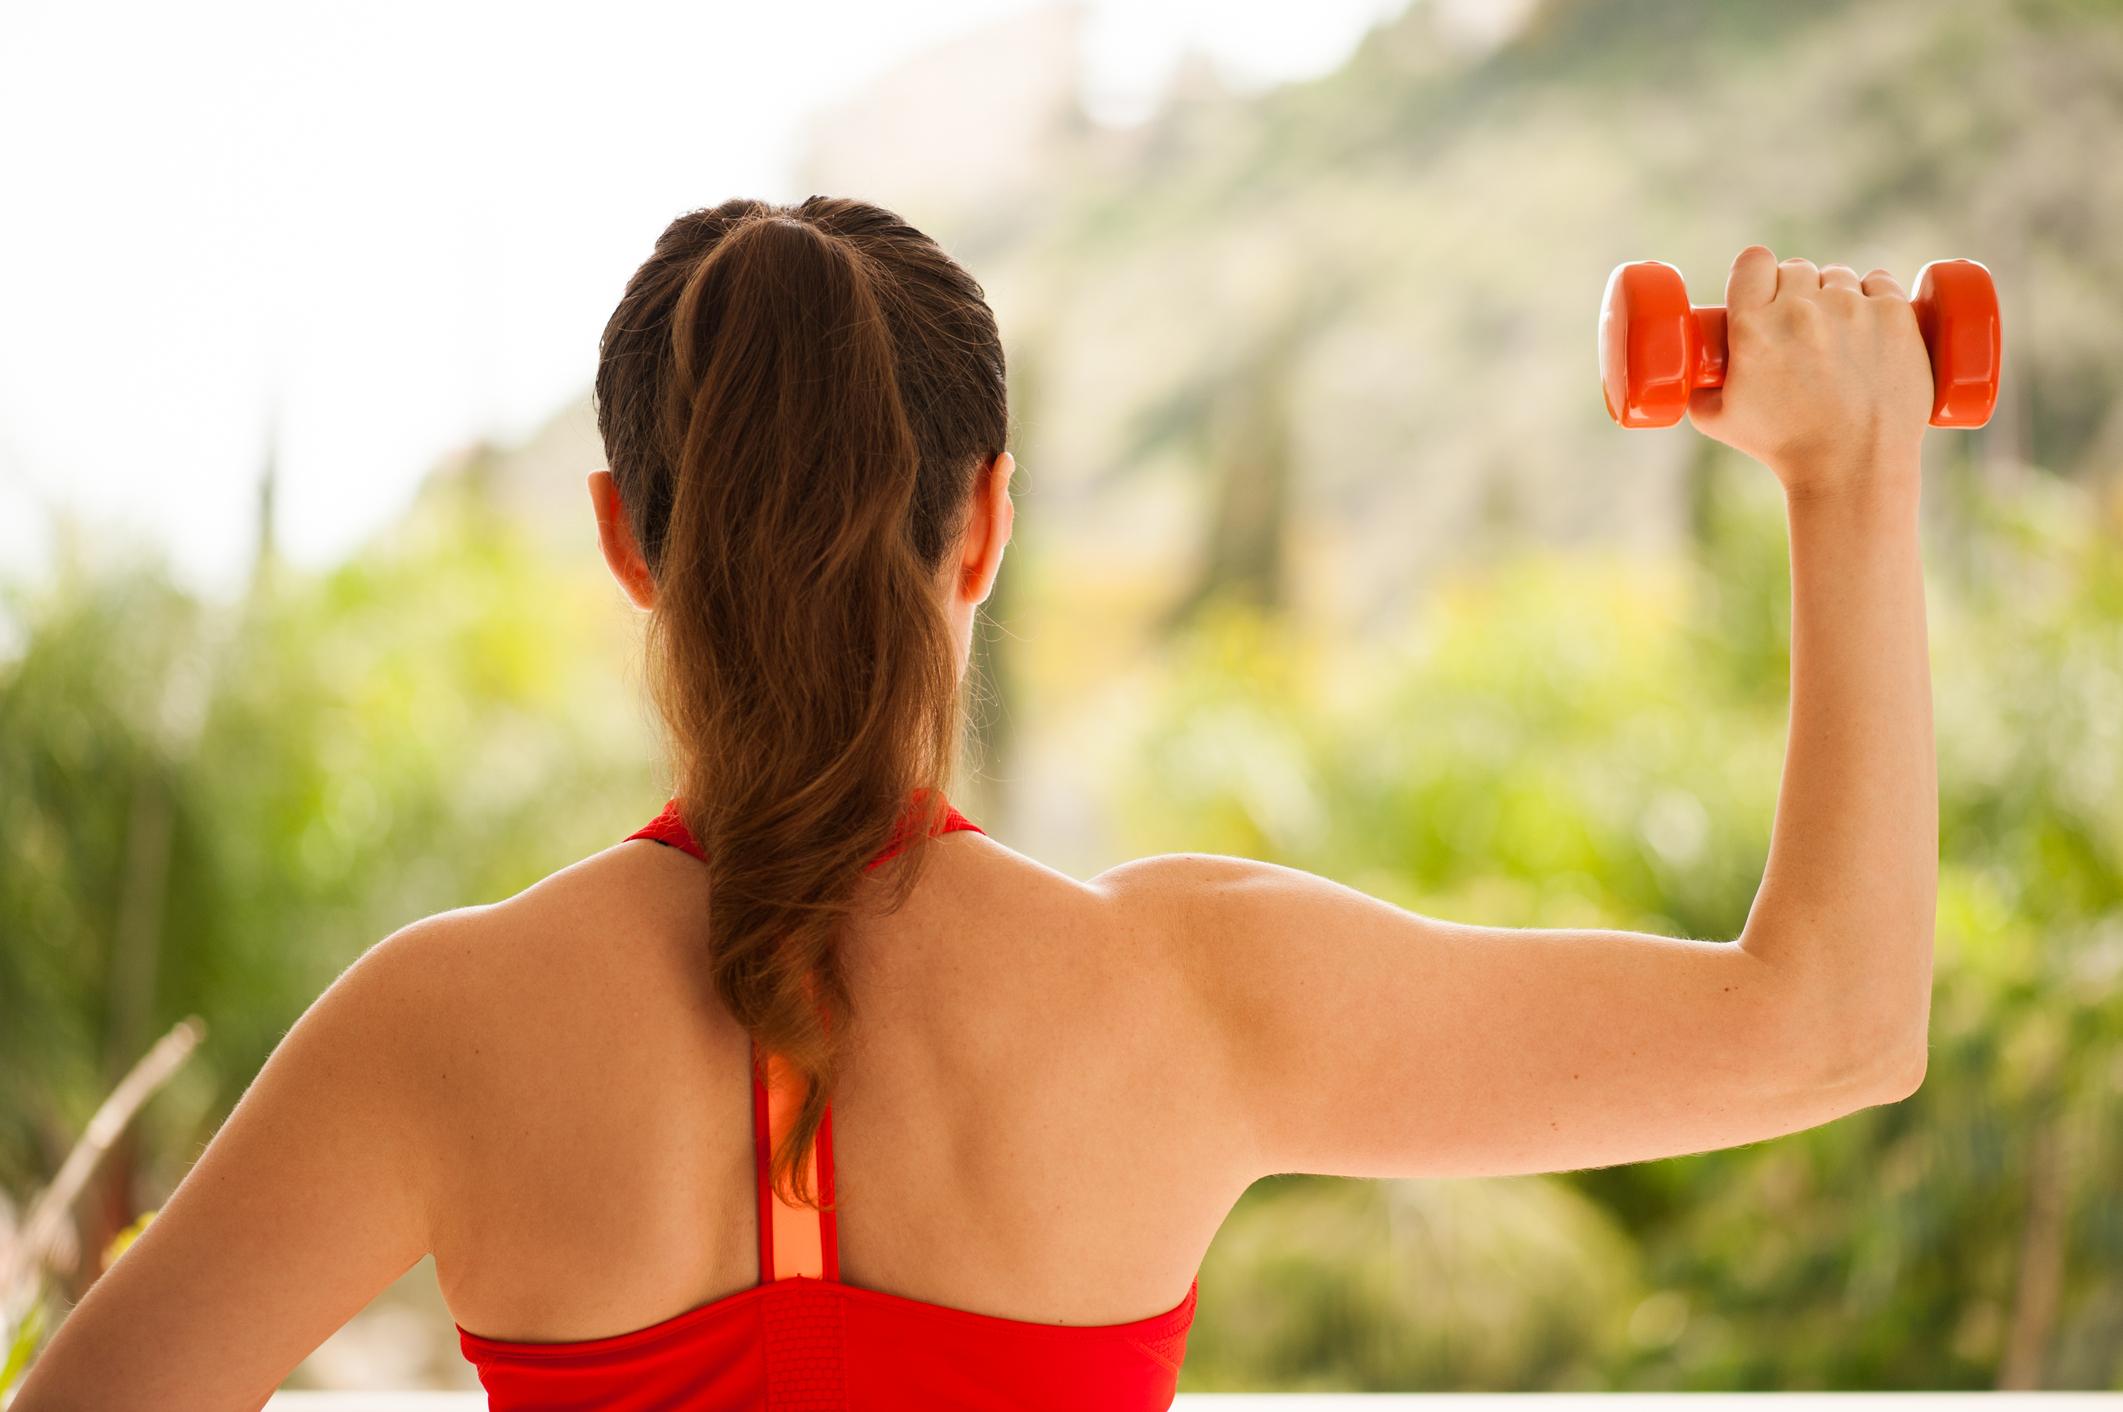 Як за допомогою простих вправ з гантелями прокачати кожен м'яз тіла